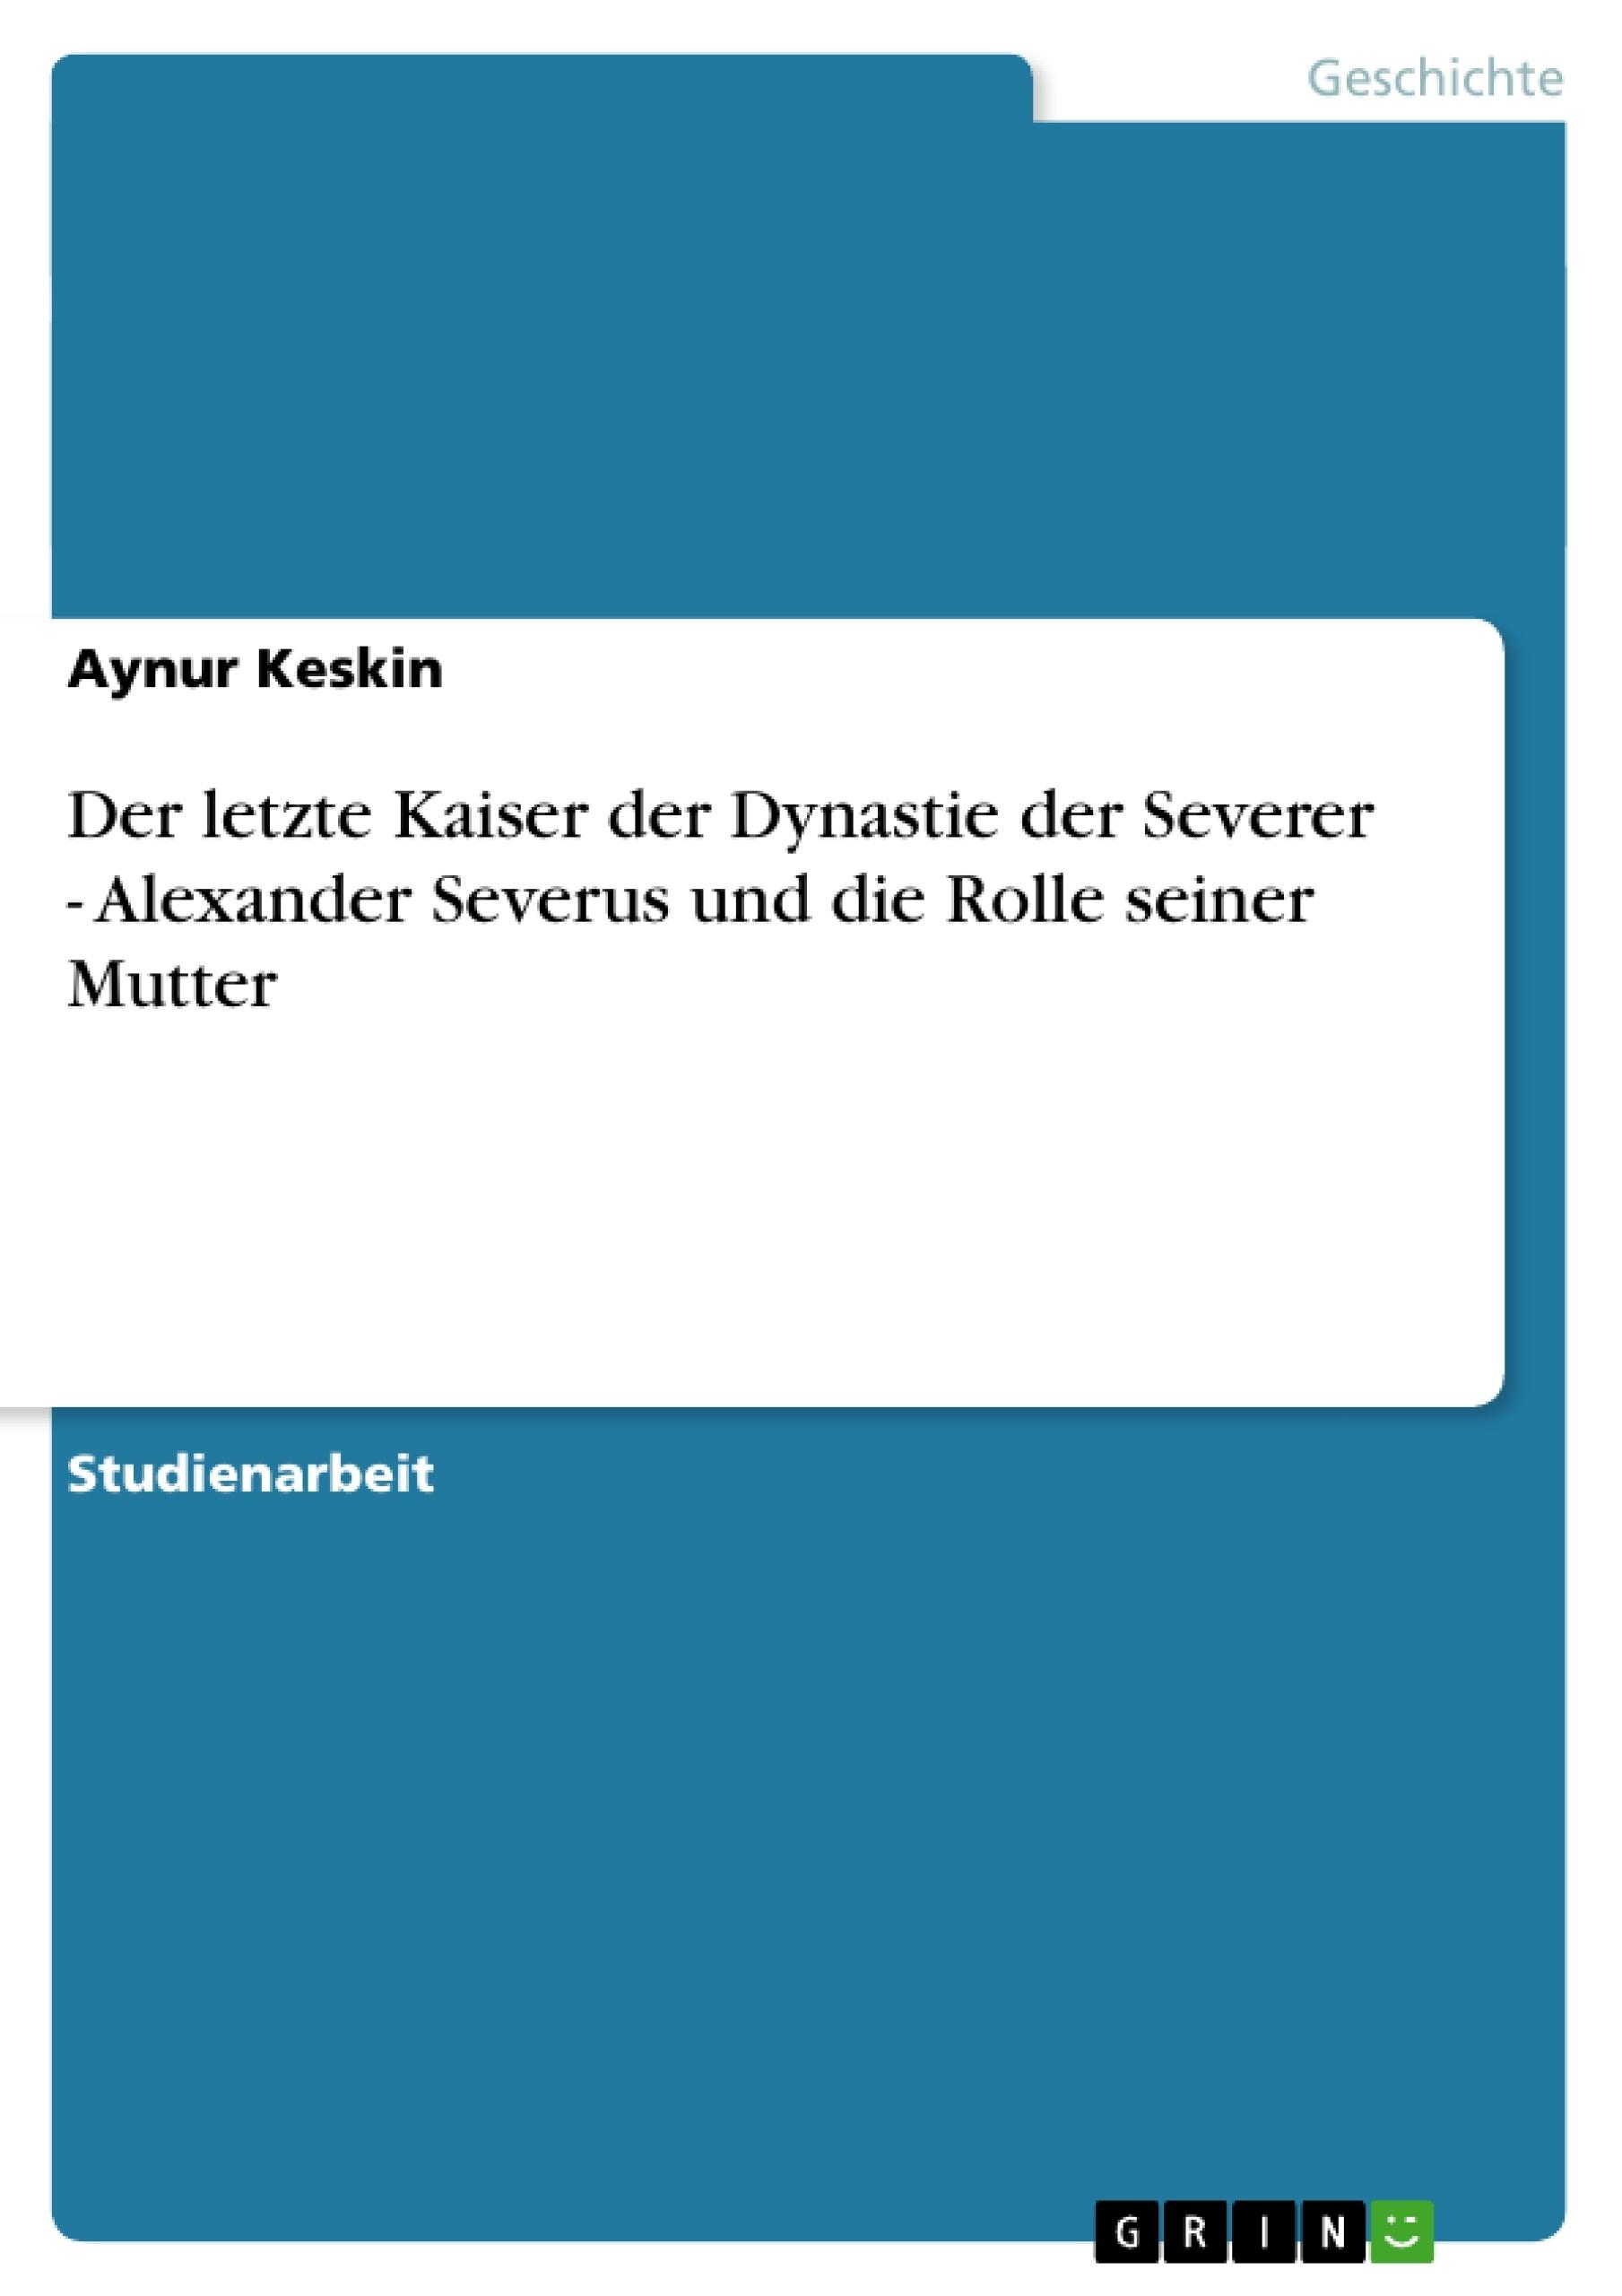 Titel: Der letzte Kaiser der Dynastie der Severer - Alexander Severus und die Rolle seiner Mutter